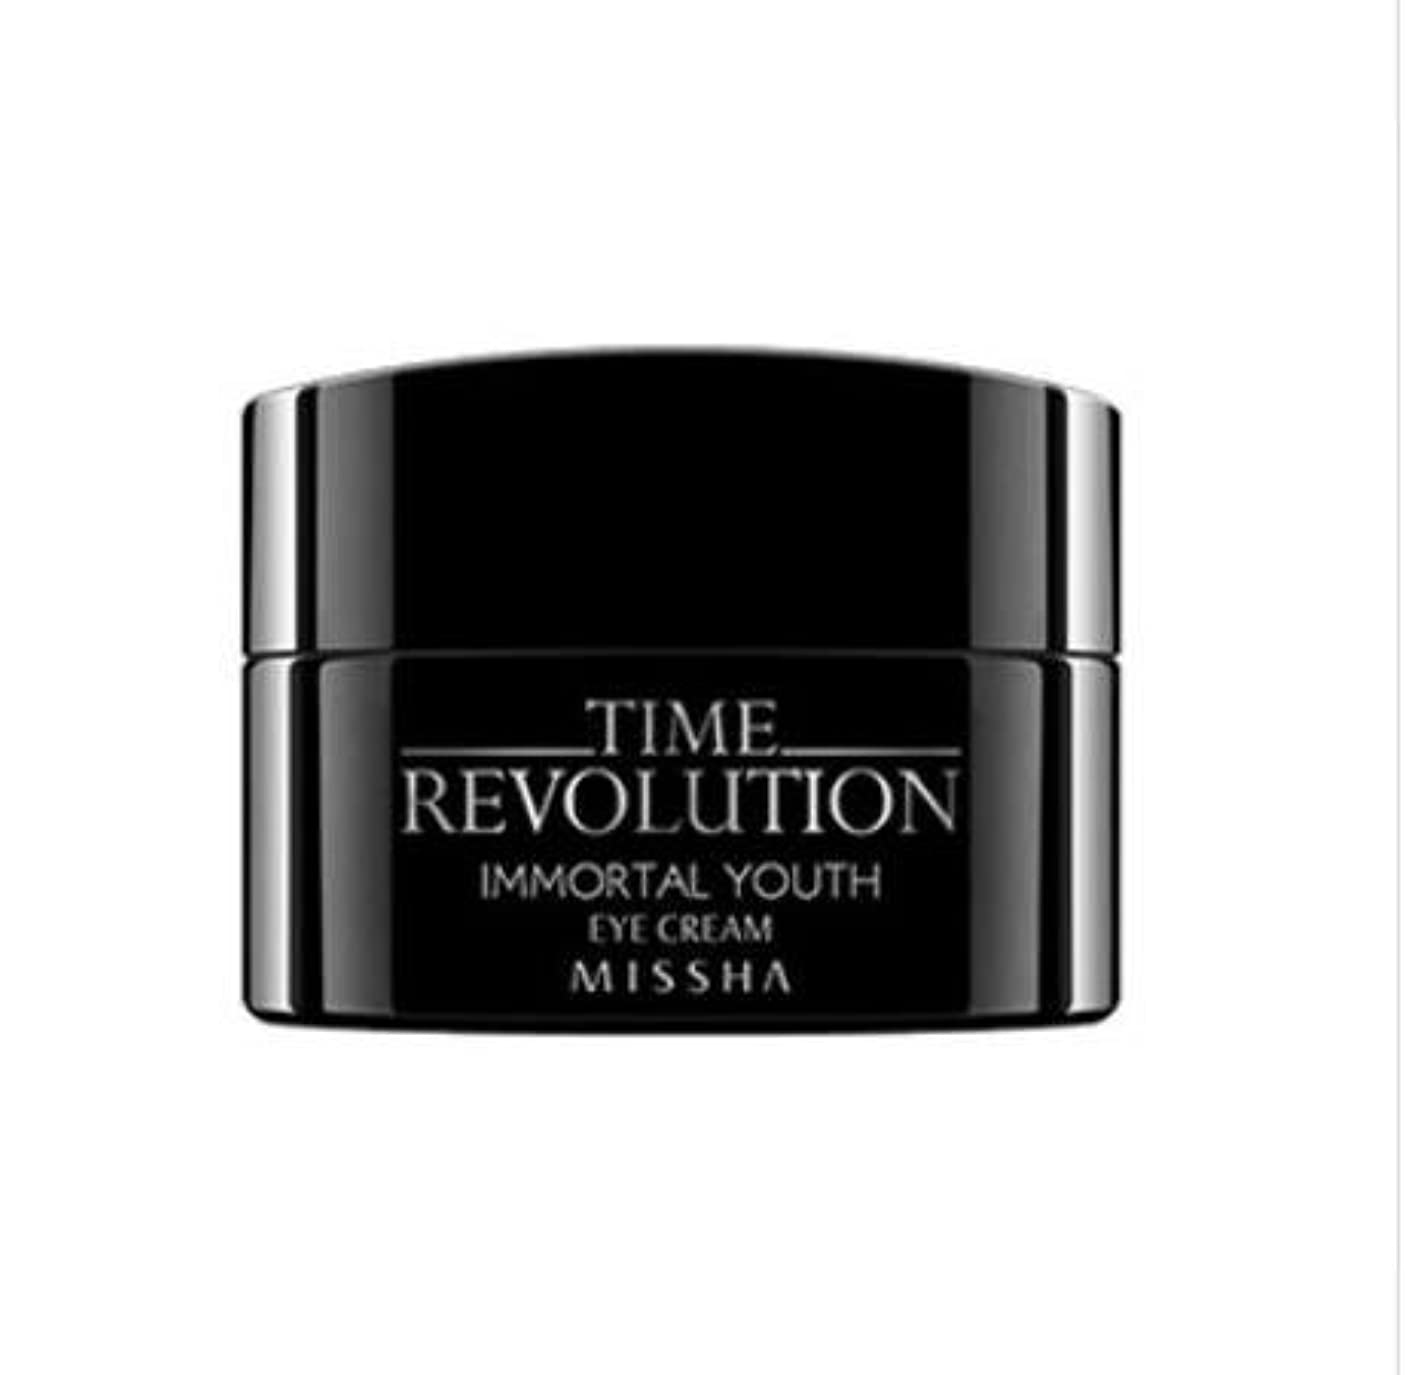 進む構造的受け皿[ミシャ] Missha [タイムレボリューション イモタルユース アイクリーム](MISSHA Time Revolution Immortal Youth Eye Cream) [並行輸入品]